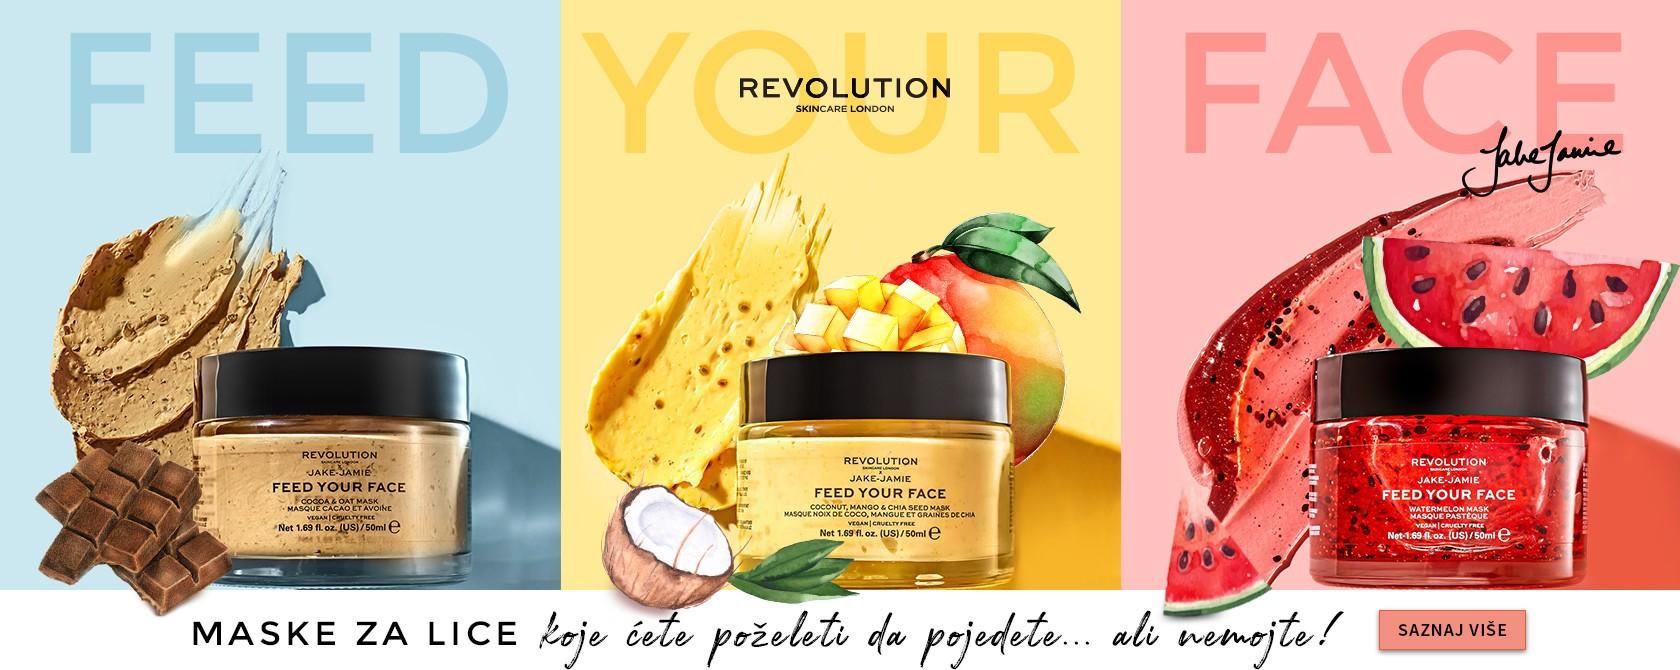 Revolution Skincare Jake Jamie maske za lice